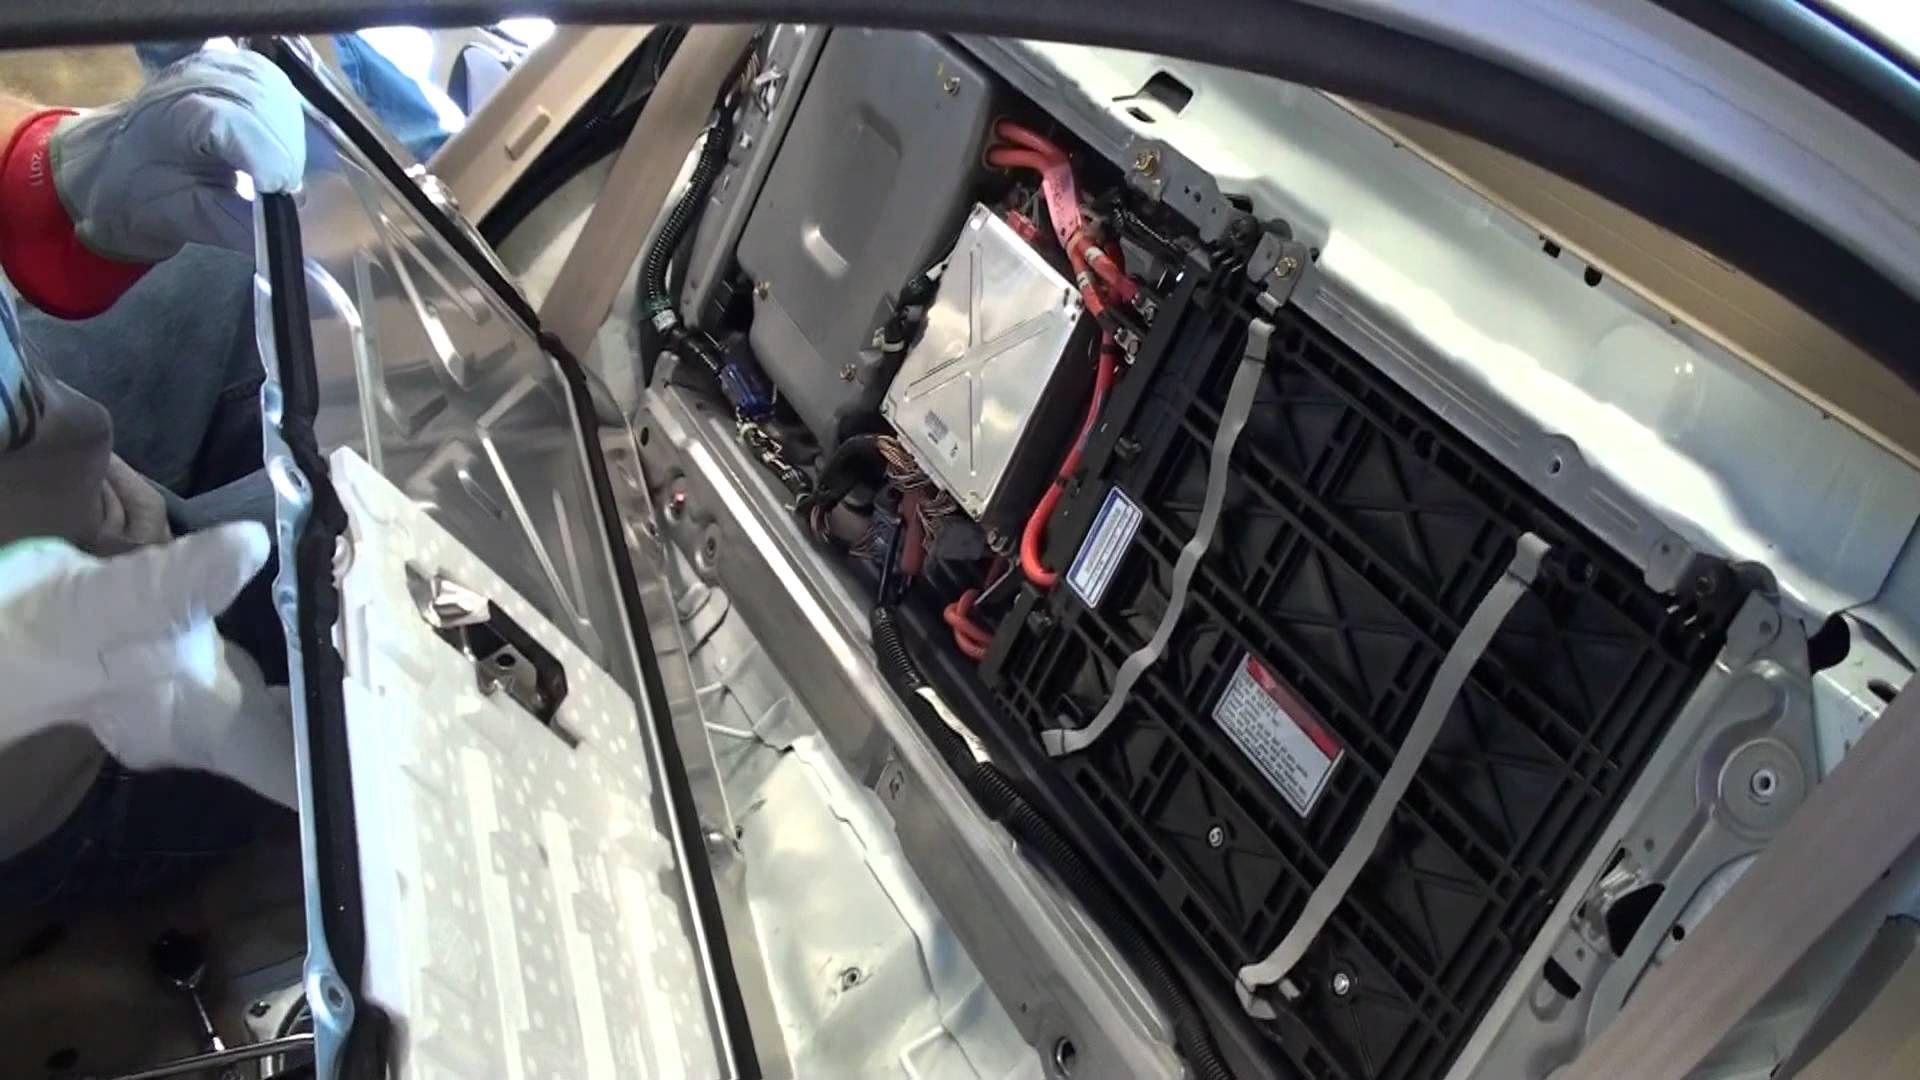 Honda Civic Hybrid Battery Removal Honda Civic Hybrid Hybrid Car Toyota Prius Hybrid